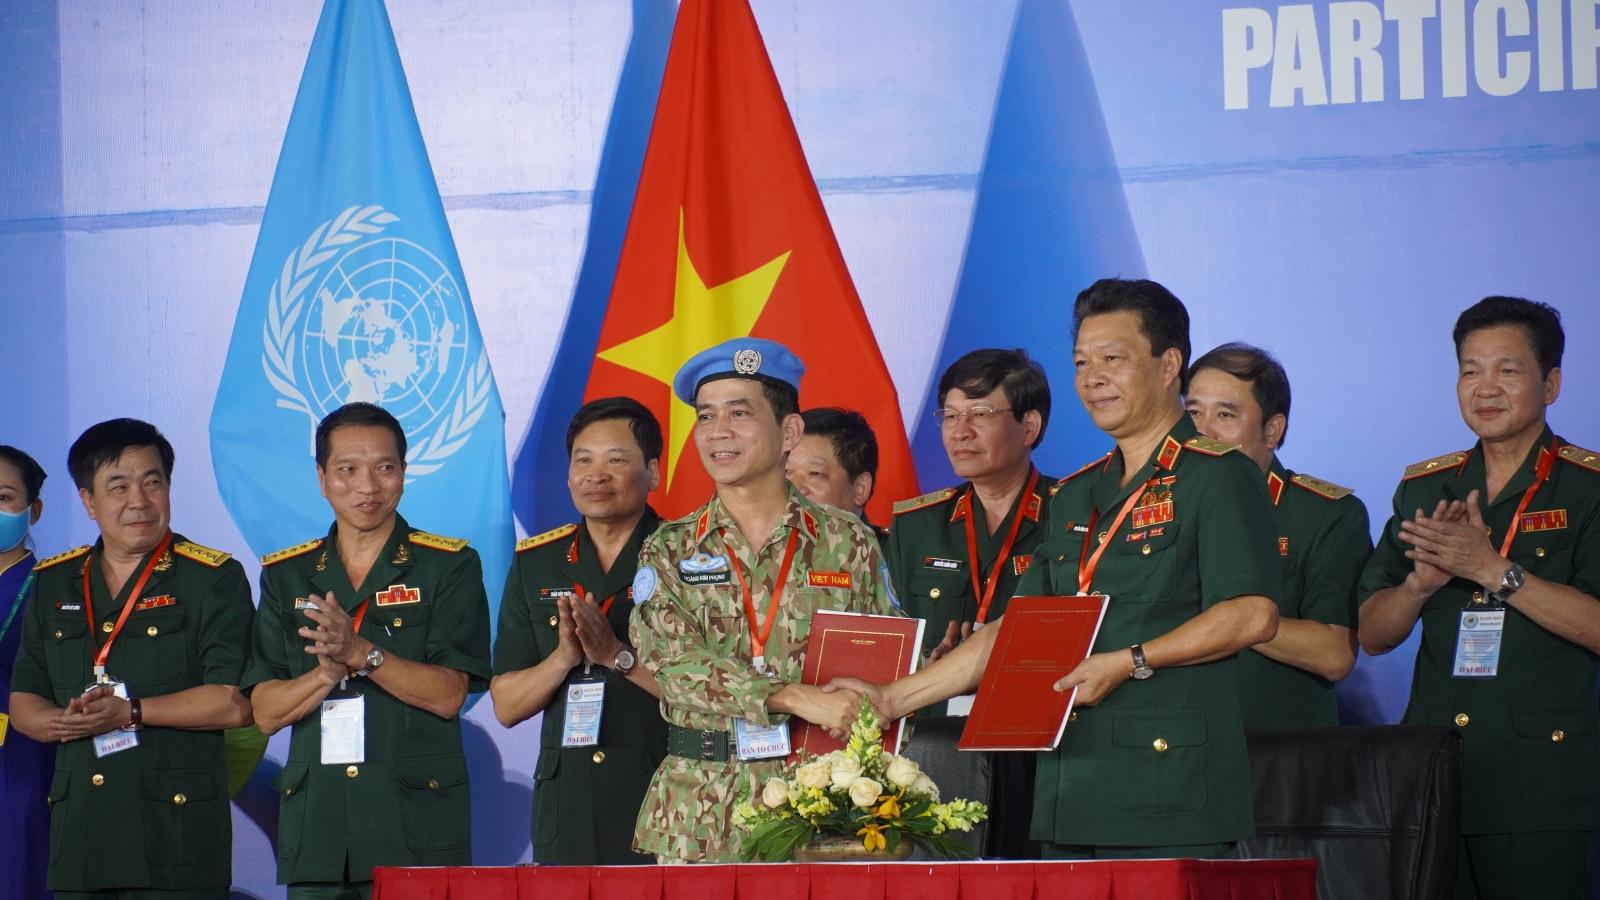 Bệnh viện Dã chiến cấp 2 số 3 xuất quân sang Nam Sudanlàm nhiệm vụ quốc tế